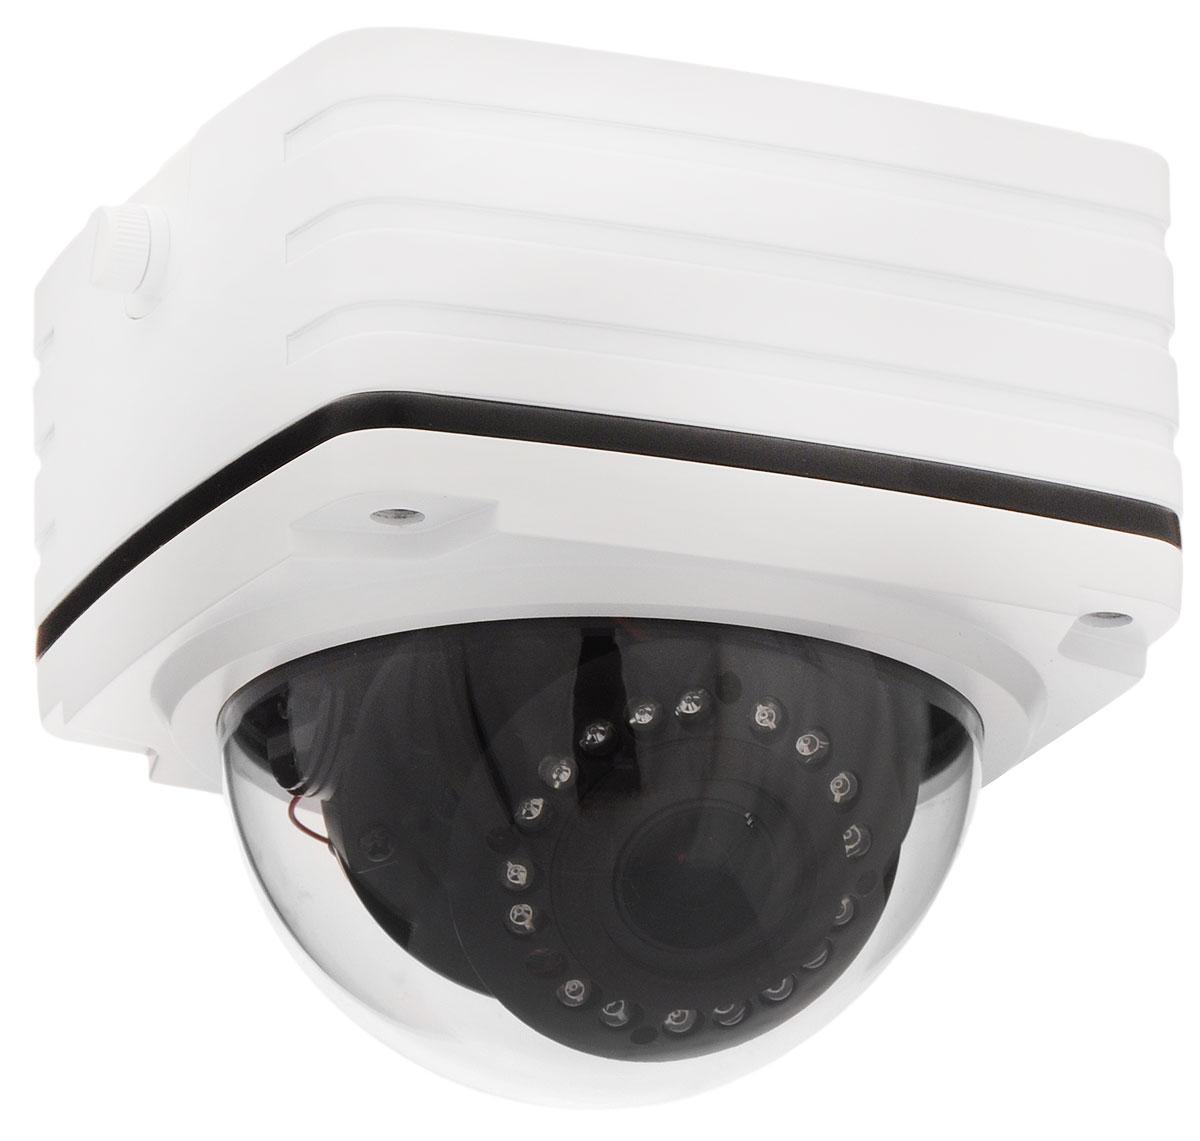 IVUE NV-431-P накладная квадратная камера видеонаблюденияNV-431-PIP камера IVUE NV-431-P имеет разрешение 1920 х 1080, поддерживает функцию PoE (питание через локальную сеть), а также полную совместимость с браузером Internet Explorer и со всеми мобильными платформами, такими как Apple и Android. Так же камера имеет функции маскировки отдельной области, функция обнаружения движения и тревоги по датчику, стандарт сжатия видео H.264.